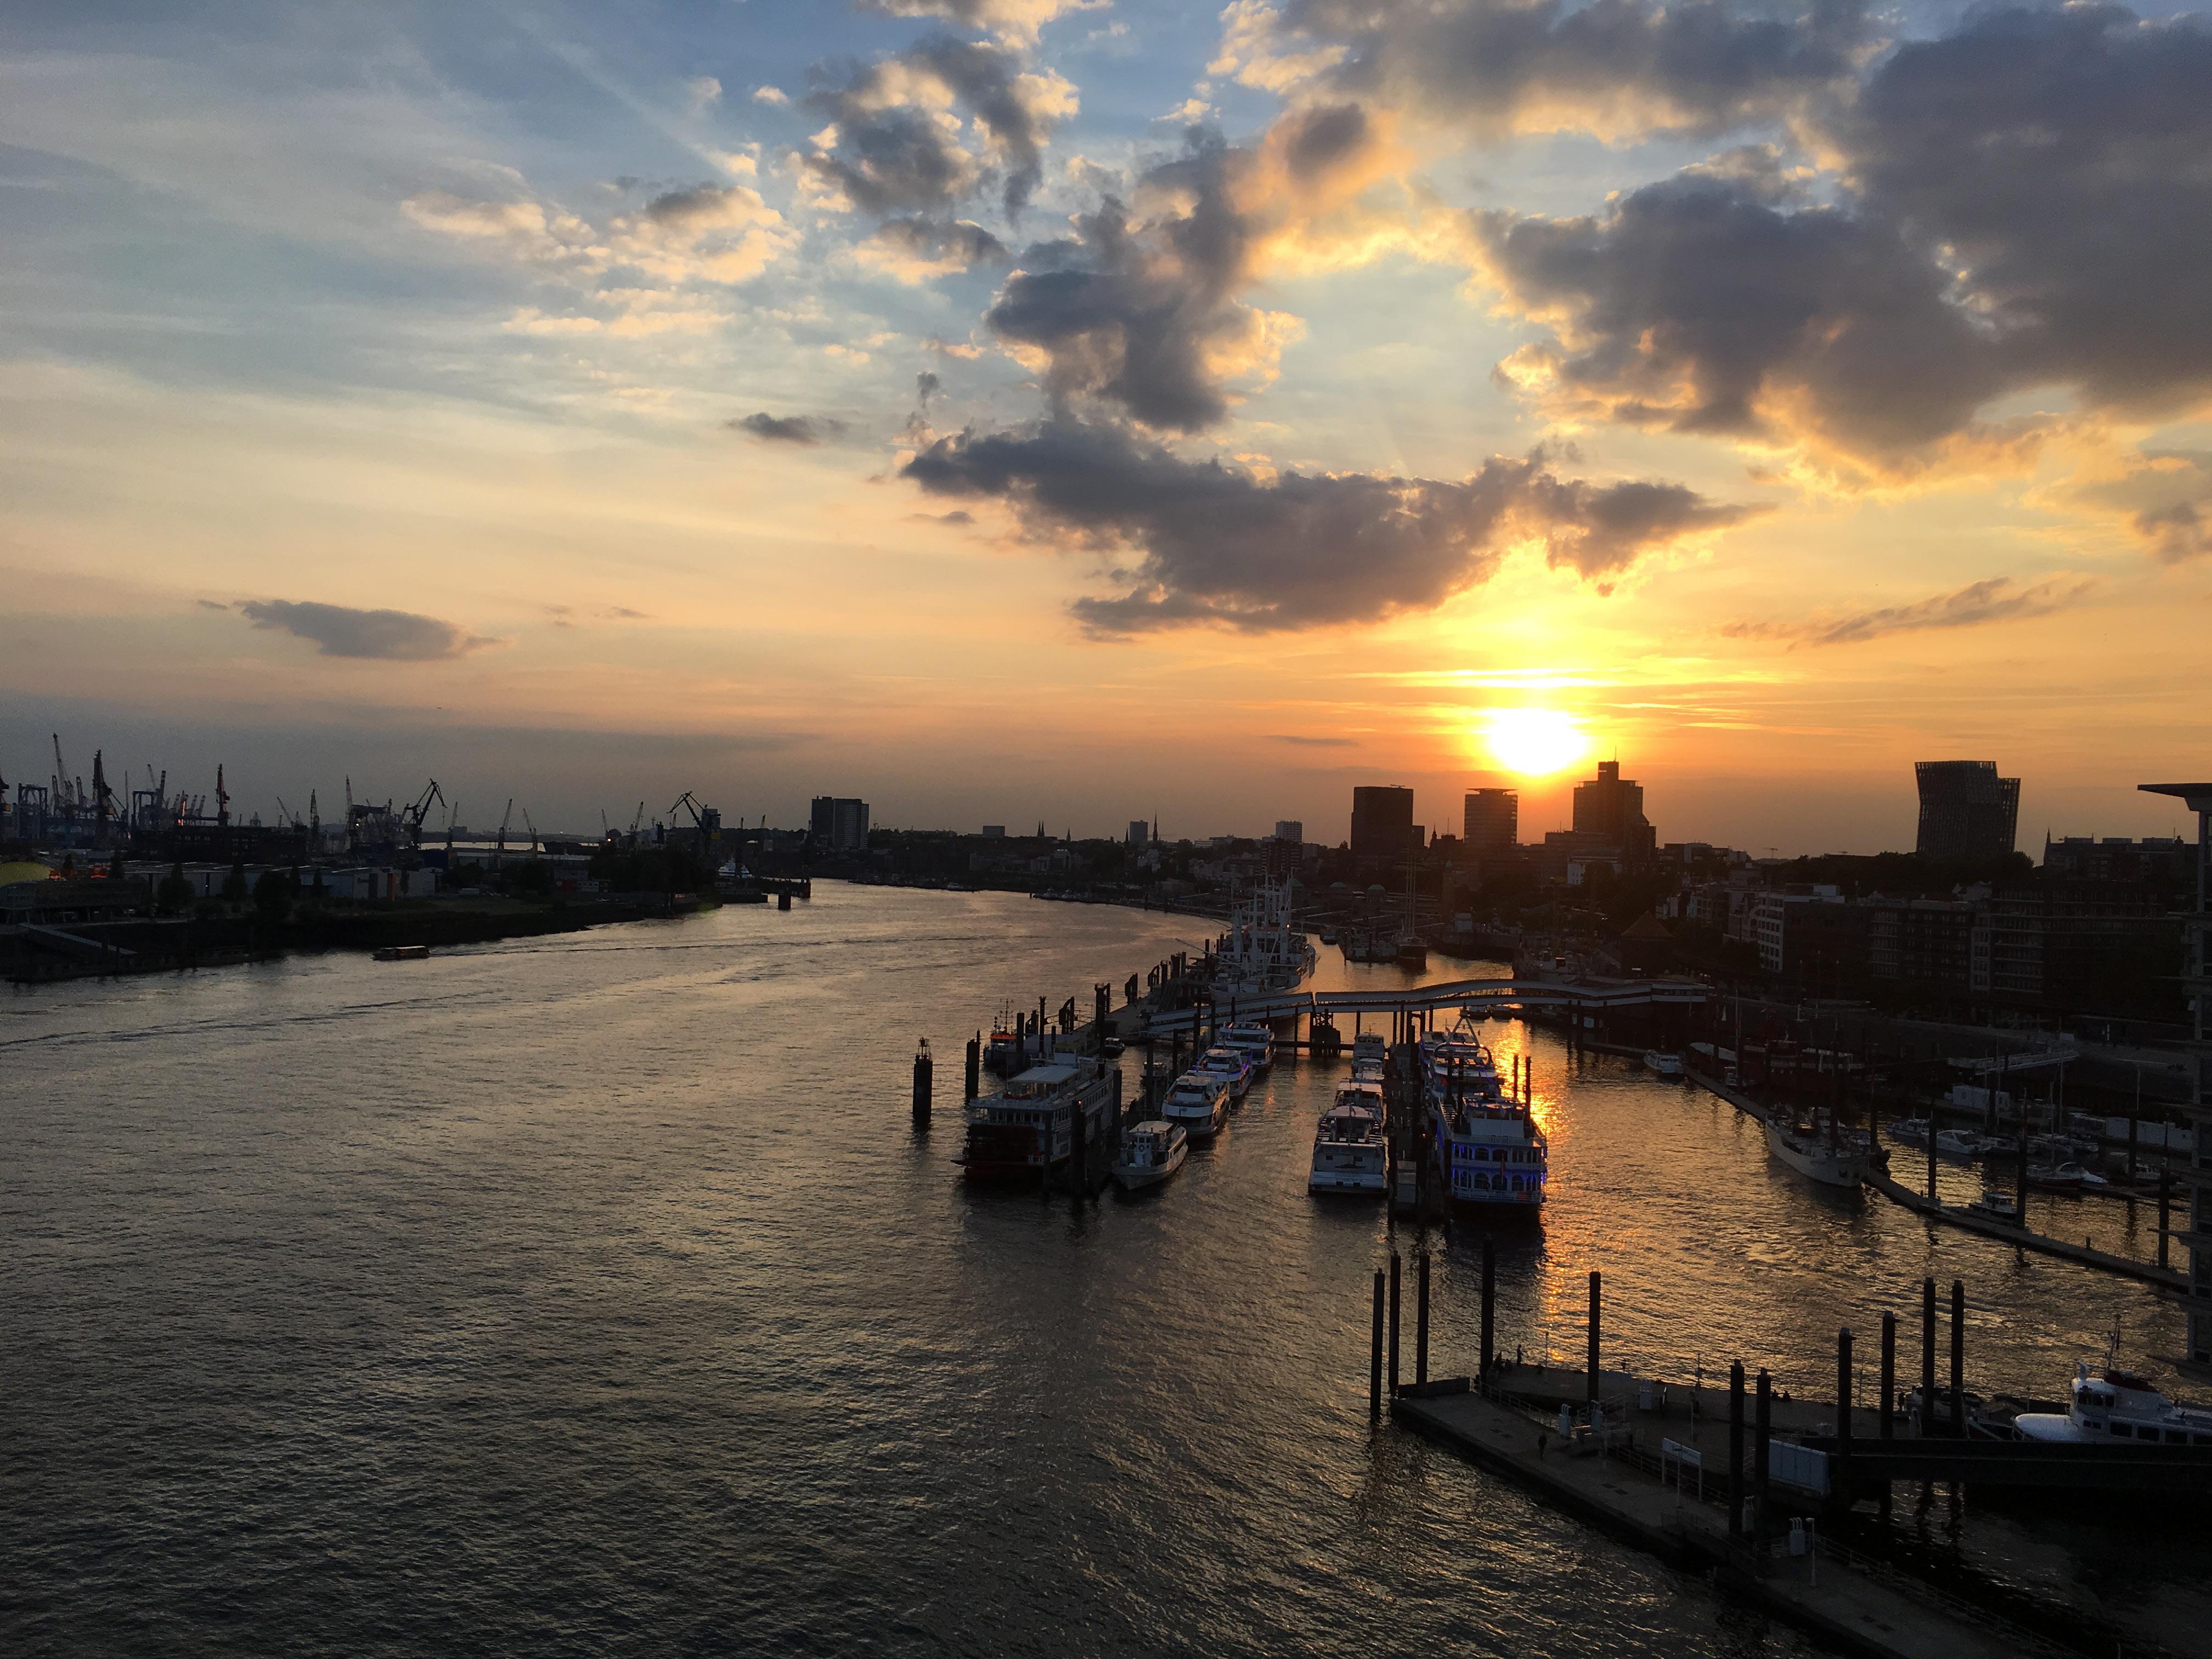 Uitkijkpunten in Hamburg, Elbphilharmonie | foto door Pierre de Sable